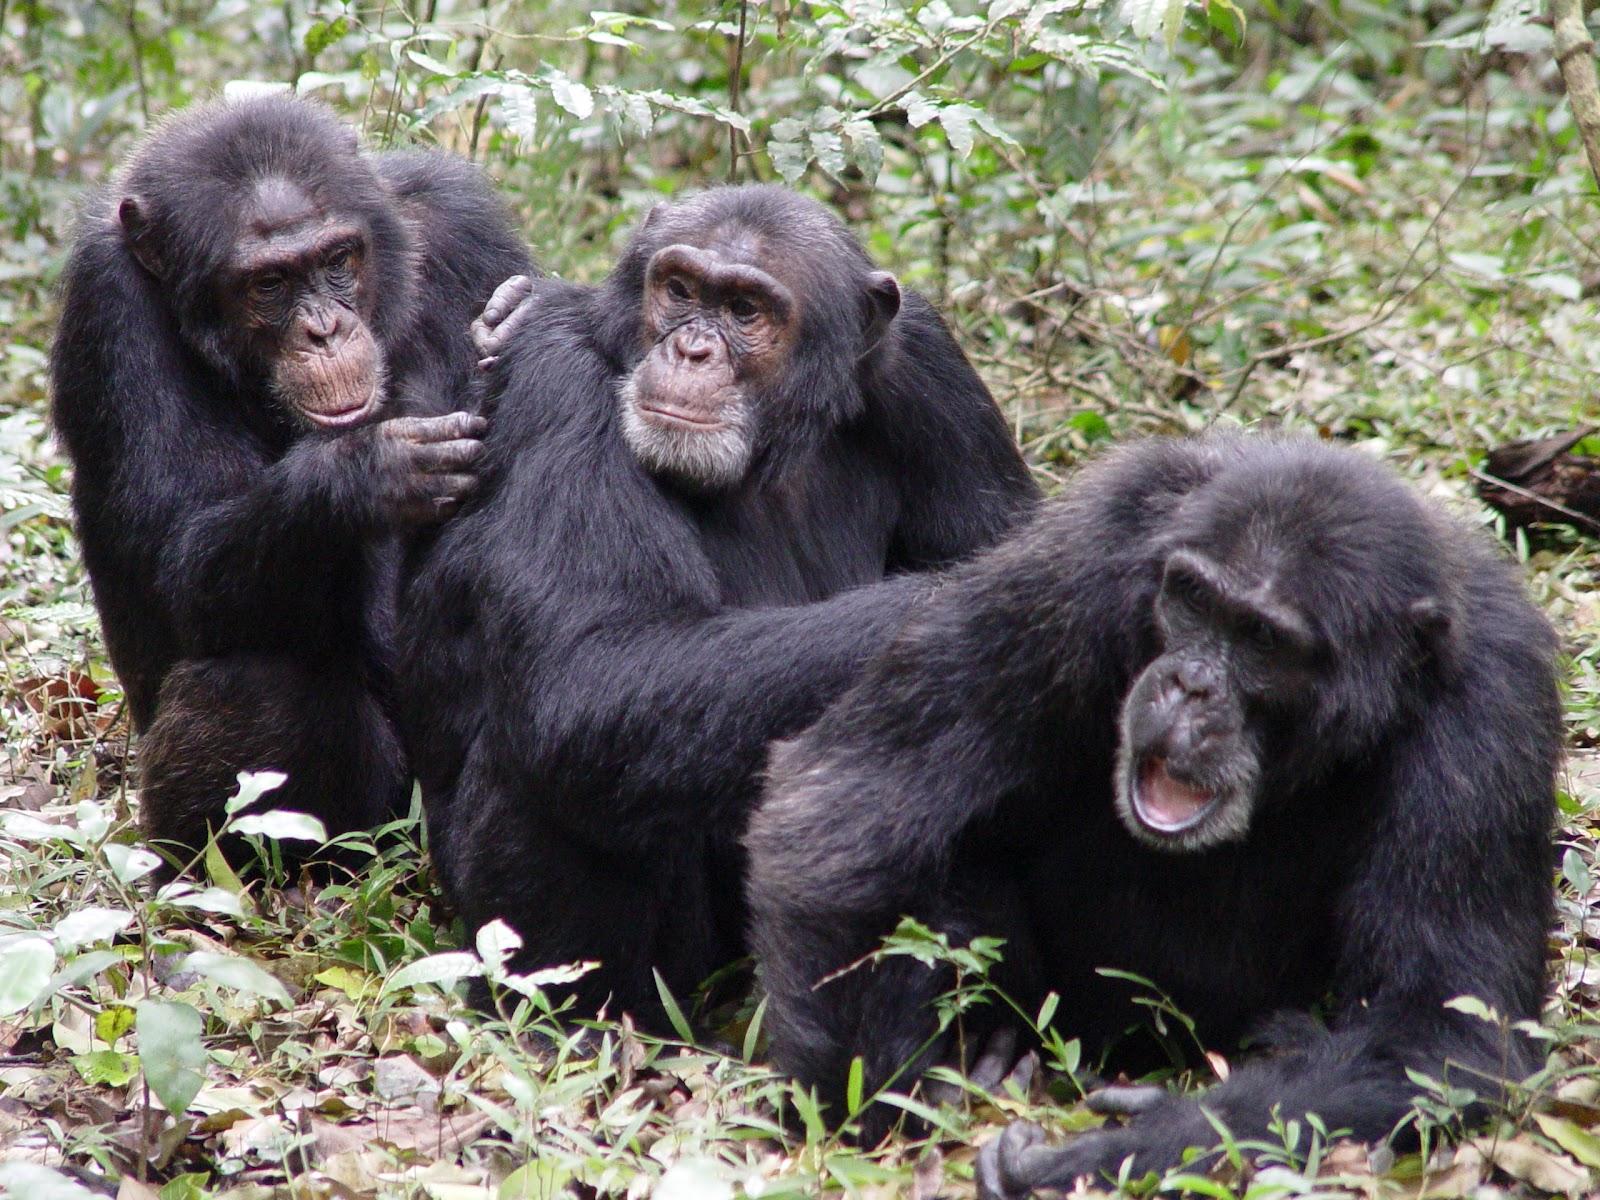 Şempanzeler birbirlerinin kıllarını temizliyor ve bitlerini ayıklıyor. Çoğu zaman bu davranış karşılıklı olsa da, kimi zaman tamamen fedakarca ve karşılık beklemeden de yapıldığı bilinmektedir.